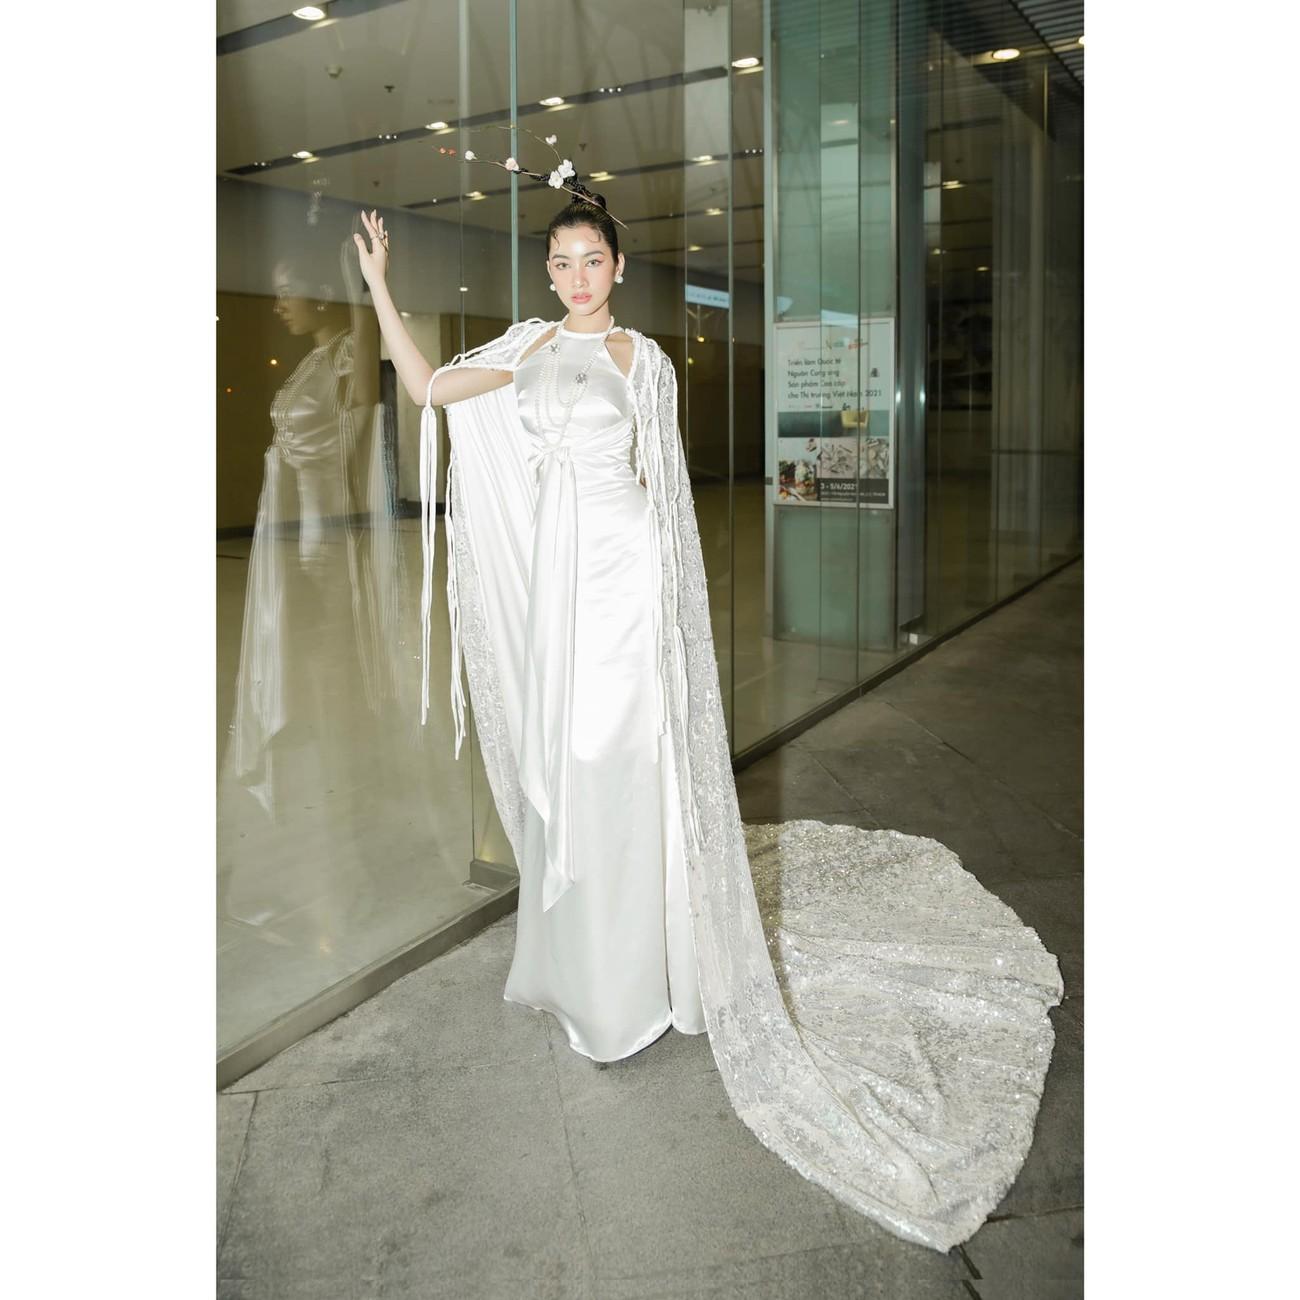 Người đẹp Cẩm Đan diện áo yếm gợi cảm kiêu kỳ ảnh 7